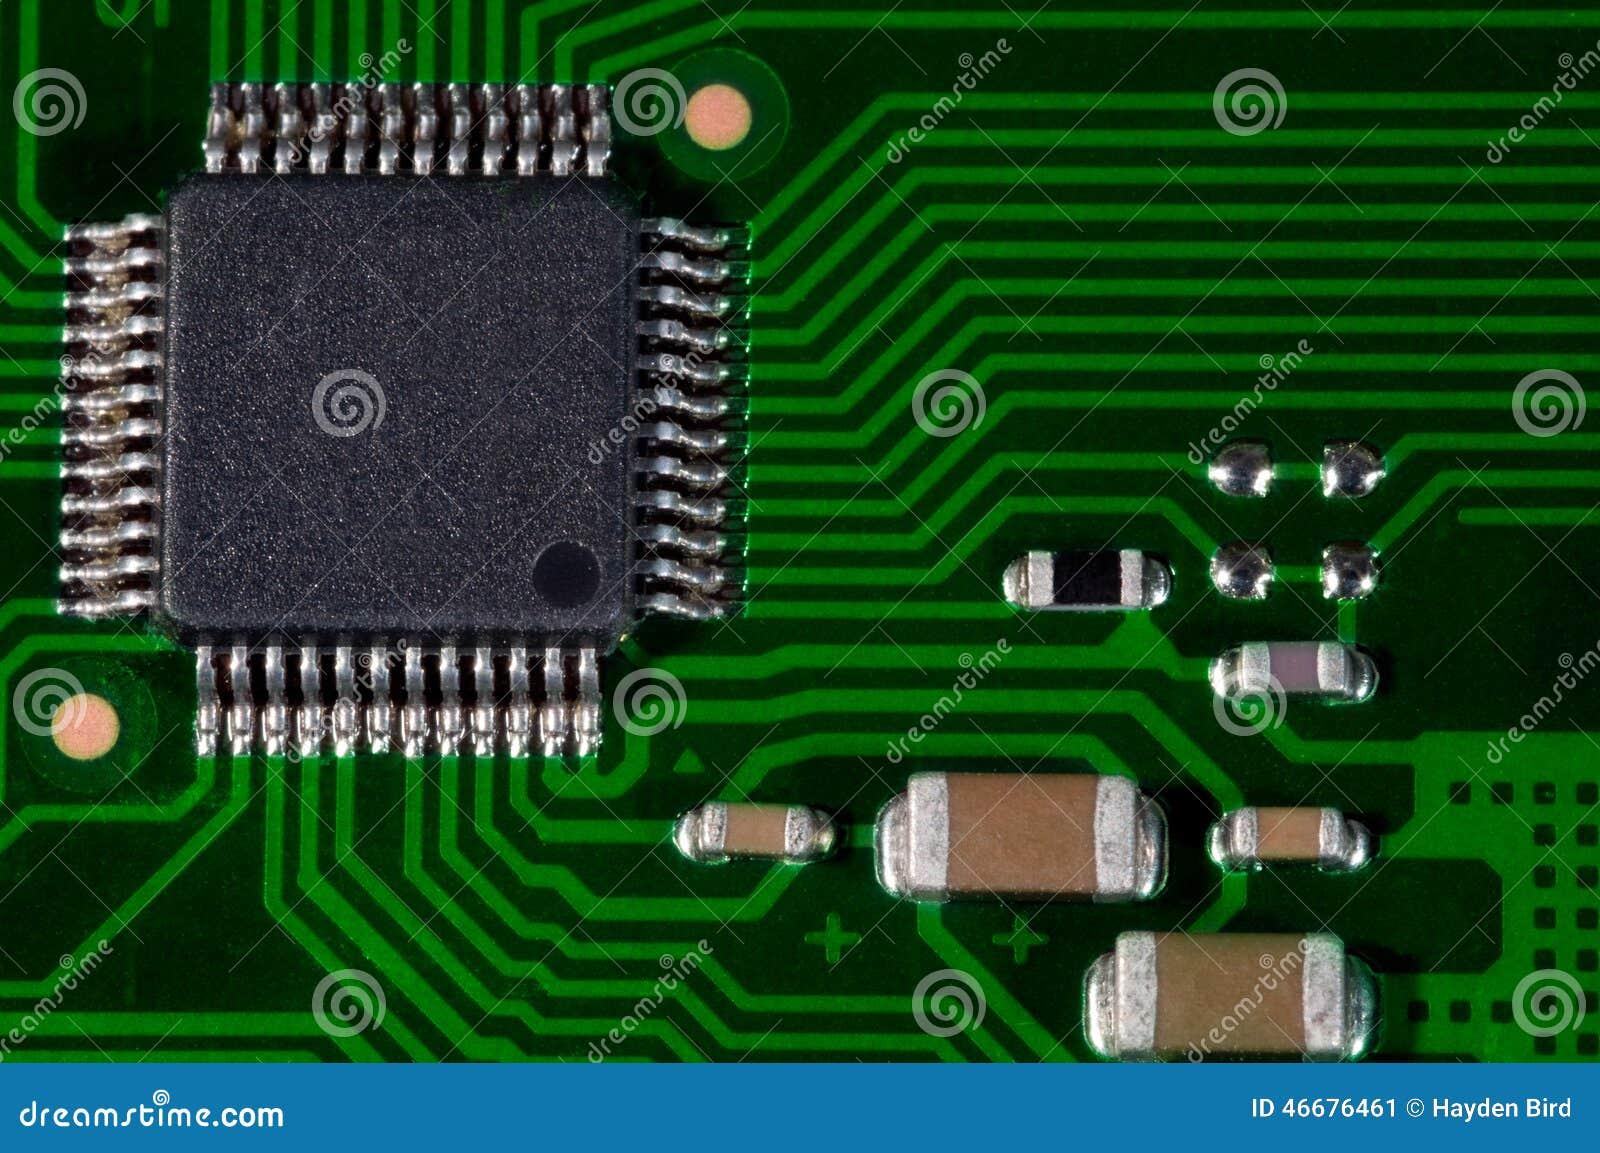 Macro of electronic circuit board pcb in green